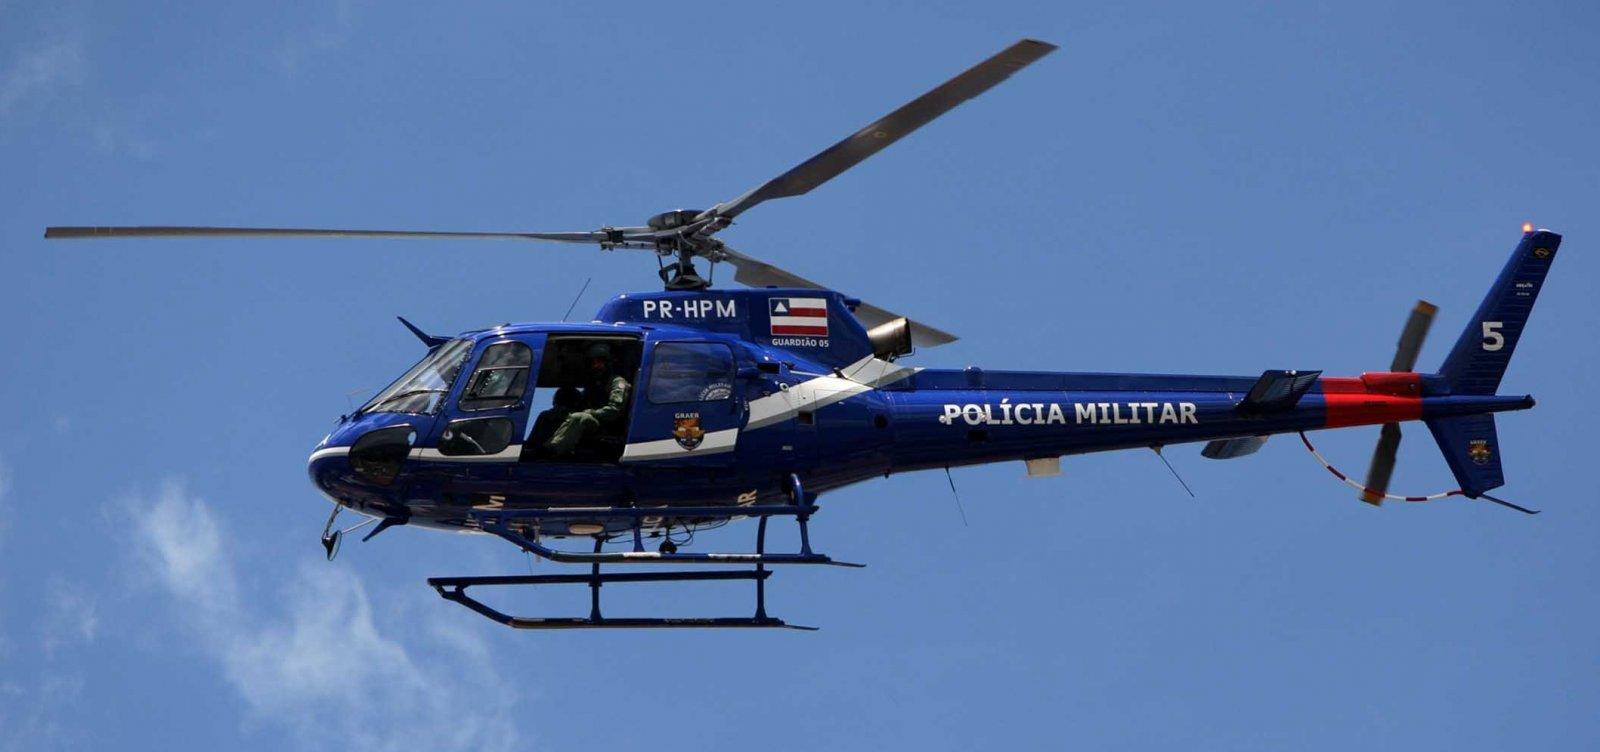 [SSP envia helicóptero para coibir crimes eleitorais em Vitória da Conquista ]